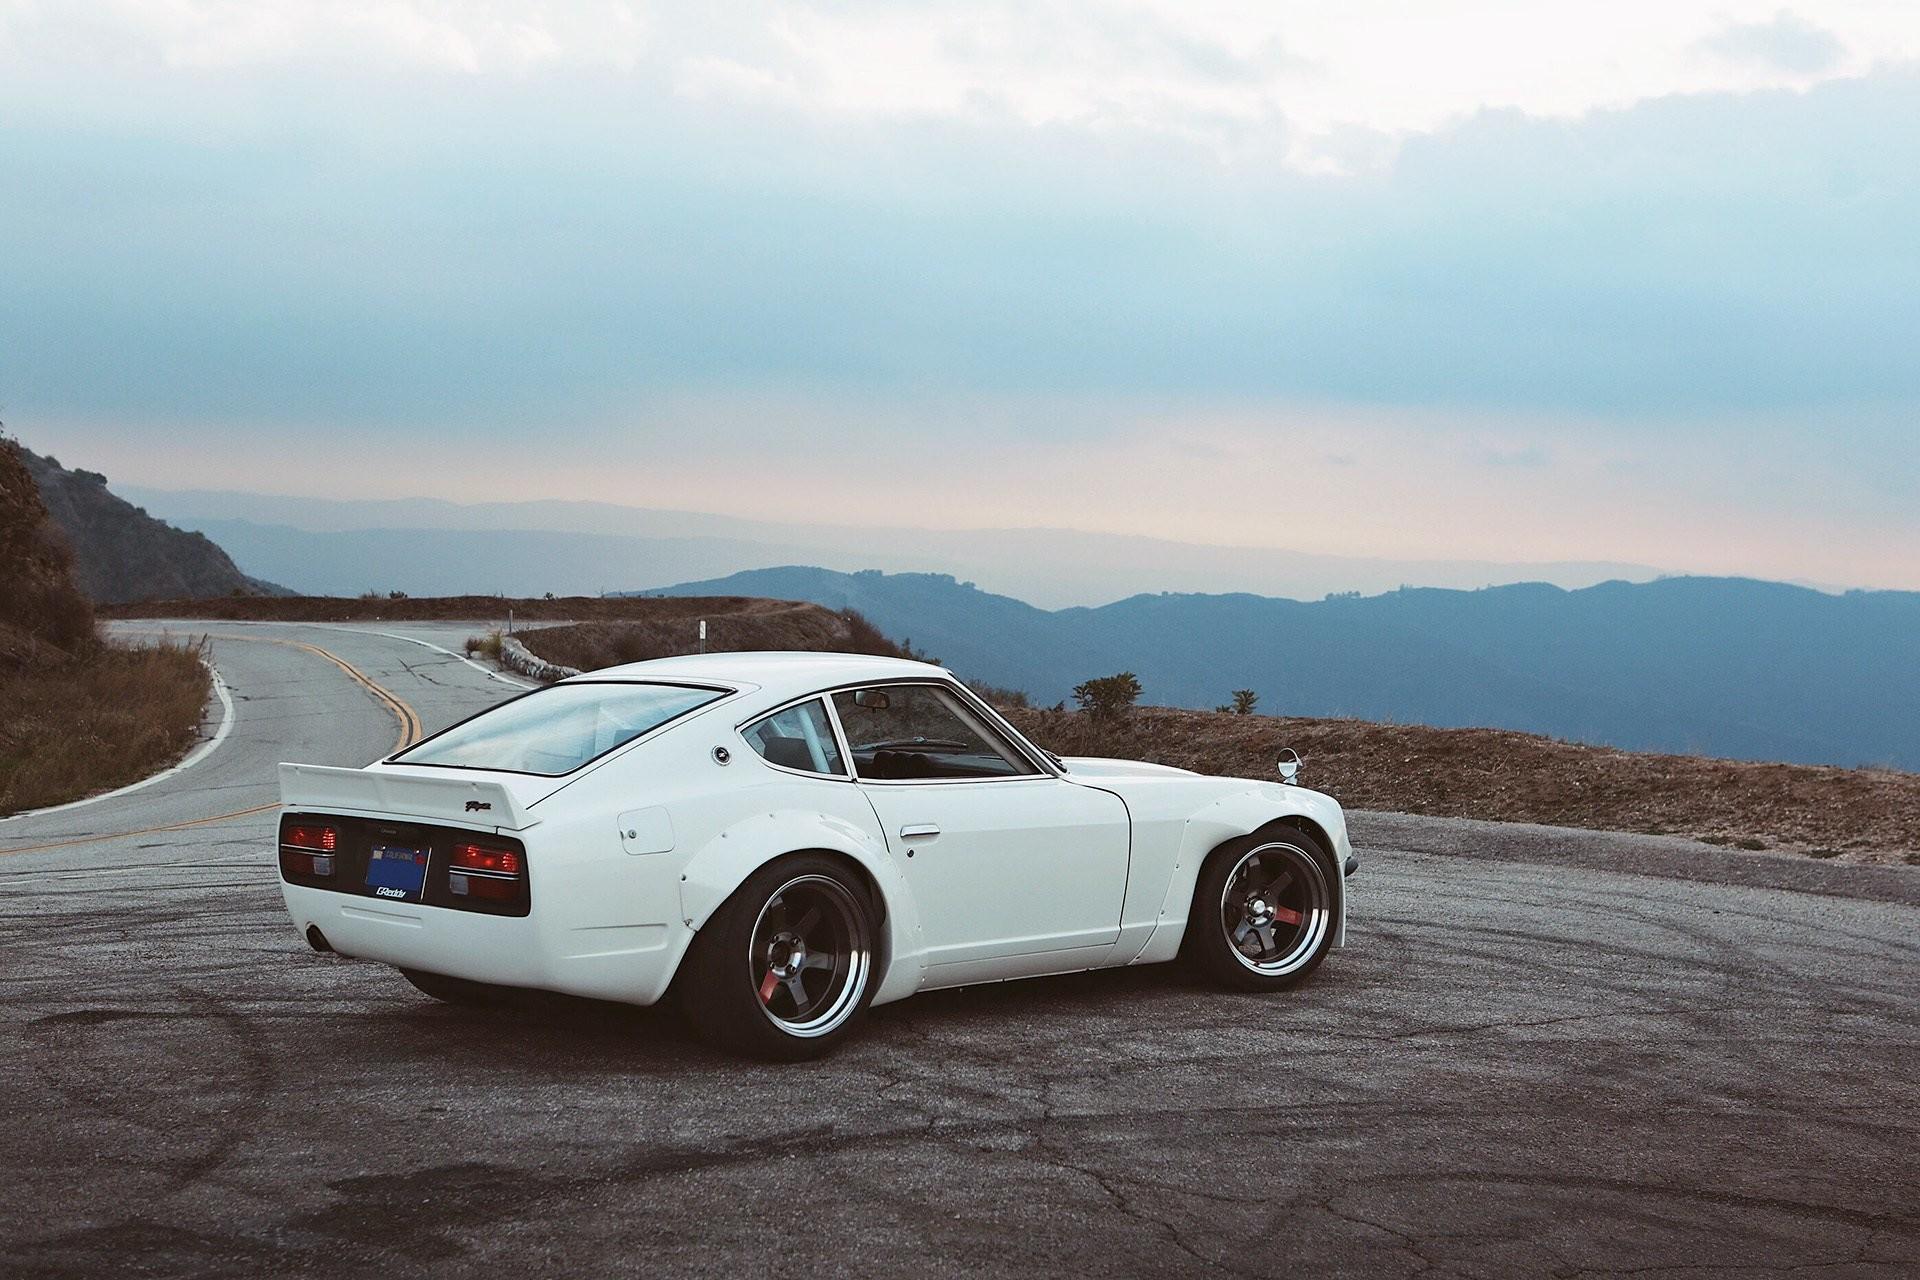 Datsun 240Z cars coupe modified white wallpaper | | 888030 |  WallpaperUP